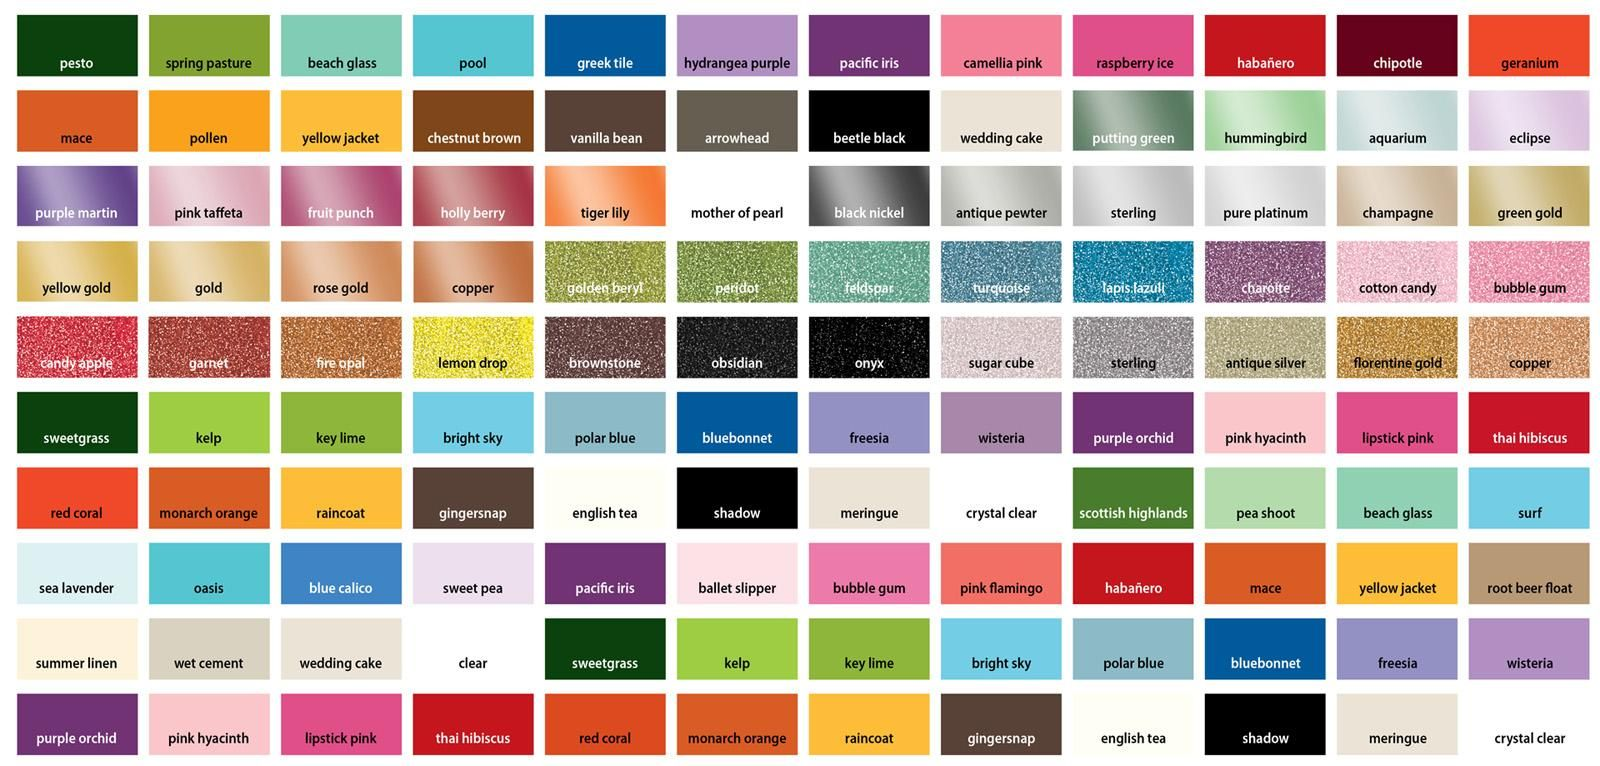 lavender paint colors chart | Martha Stewart Glass Paint